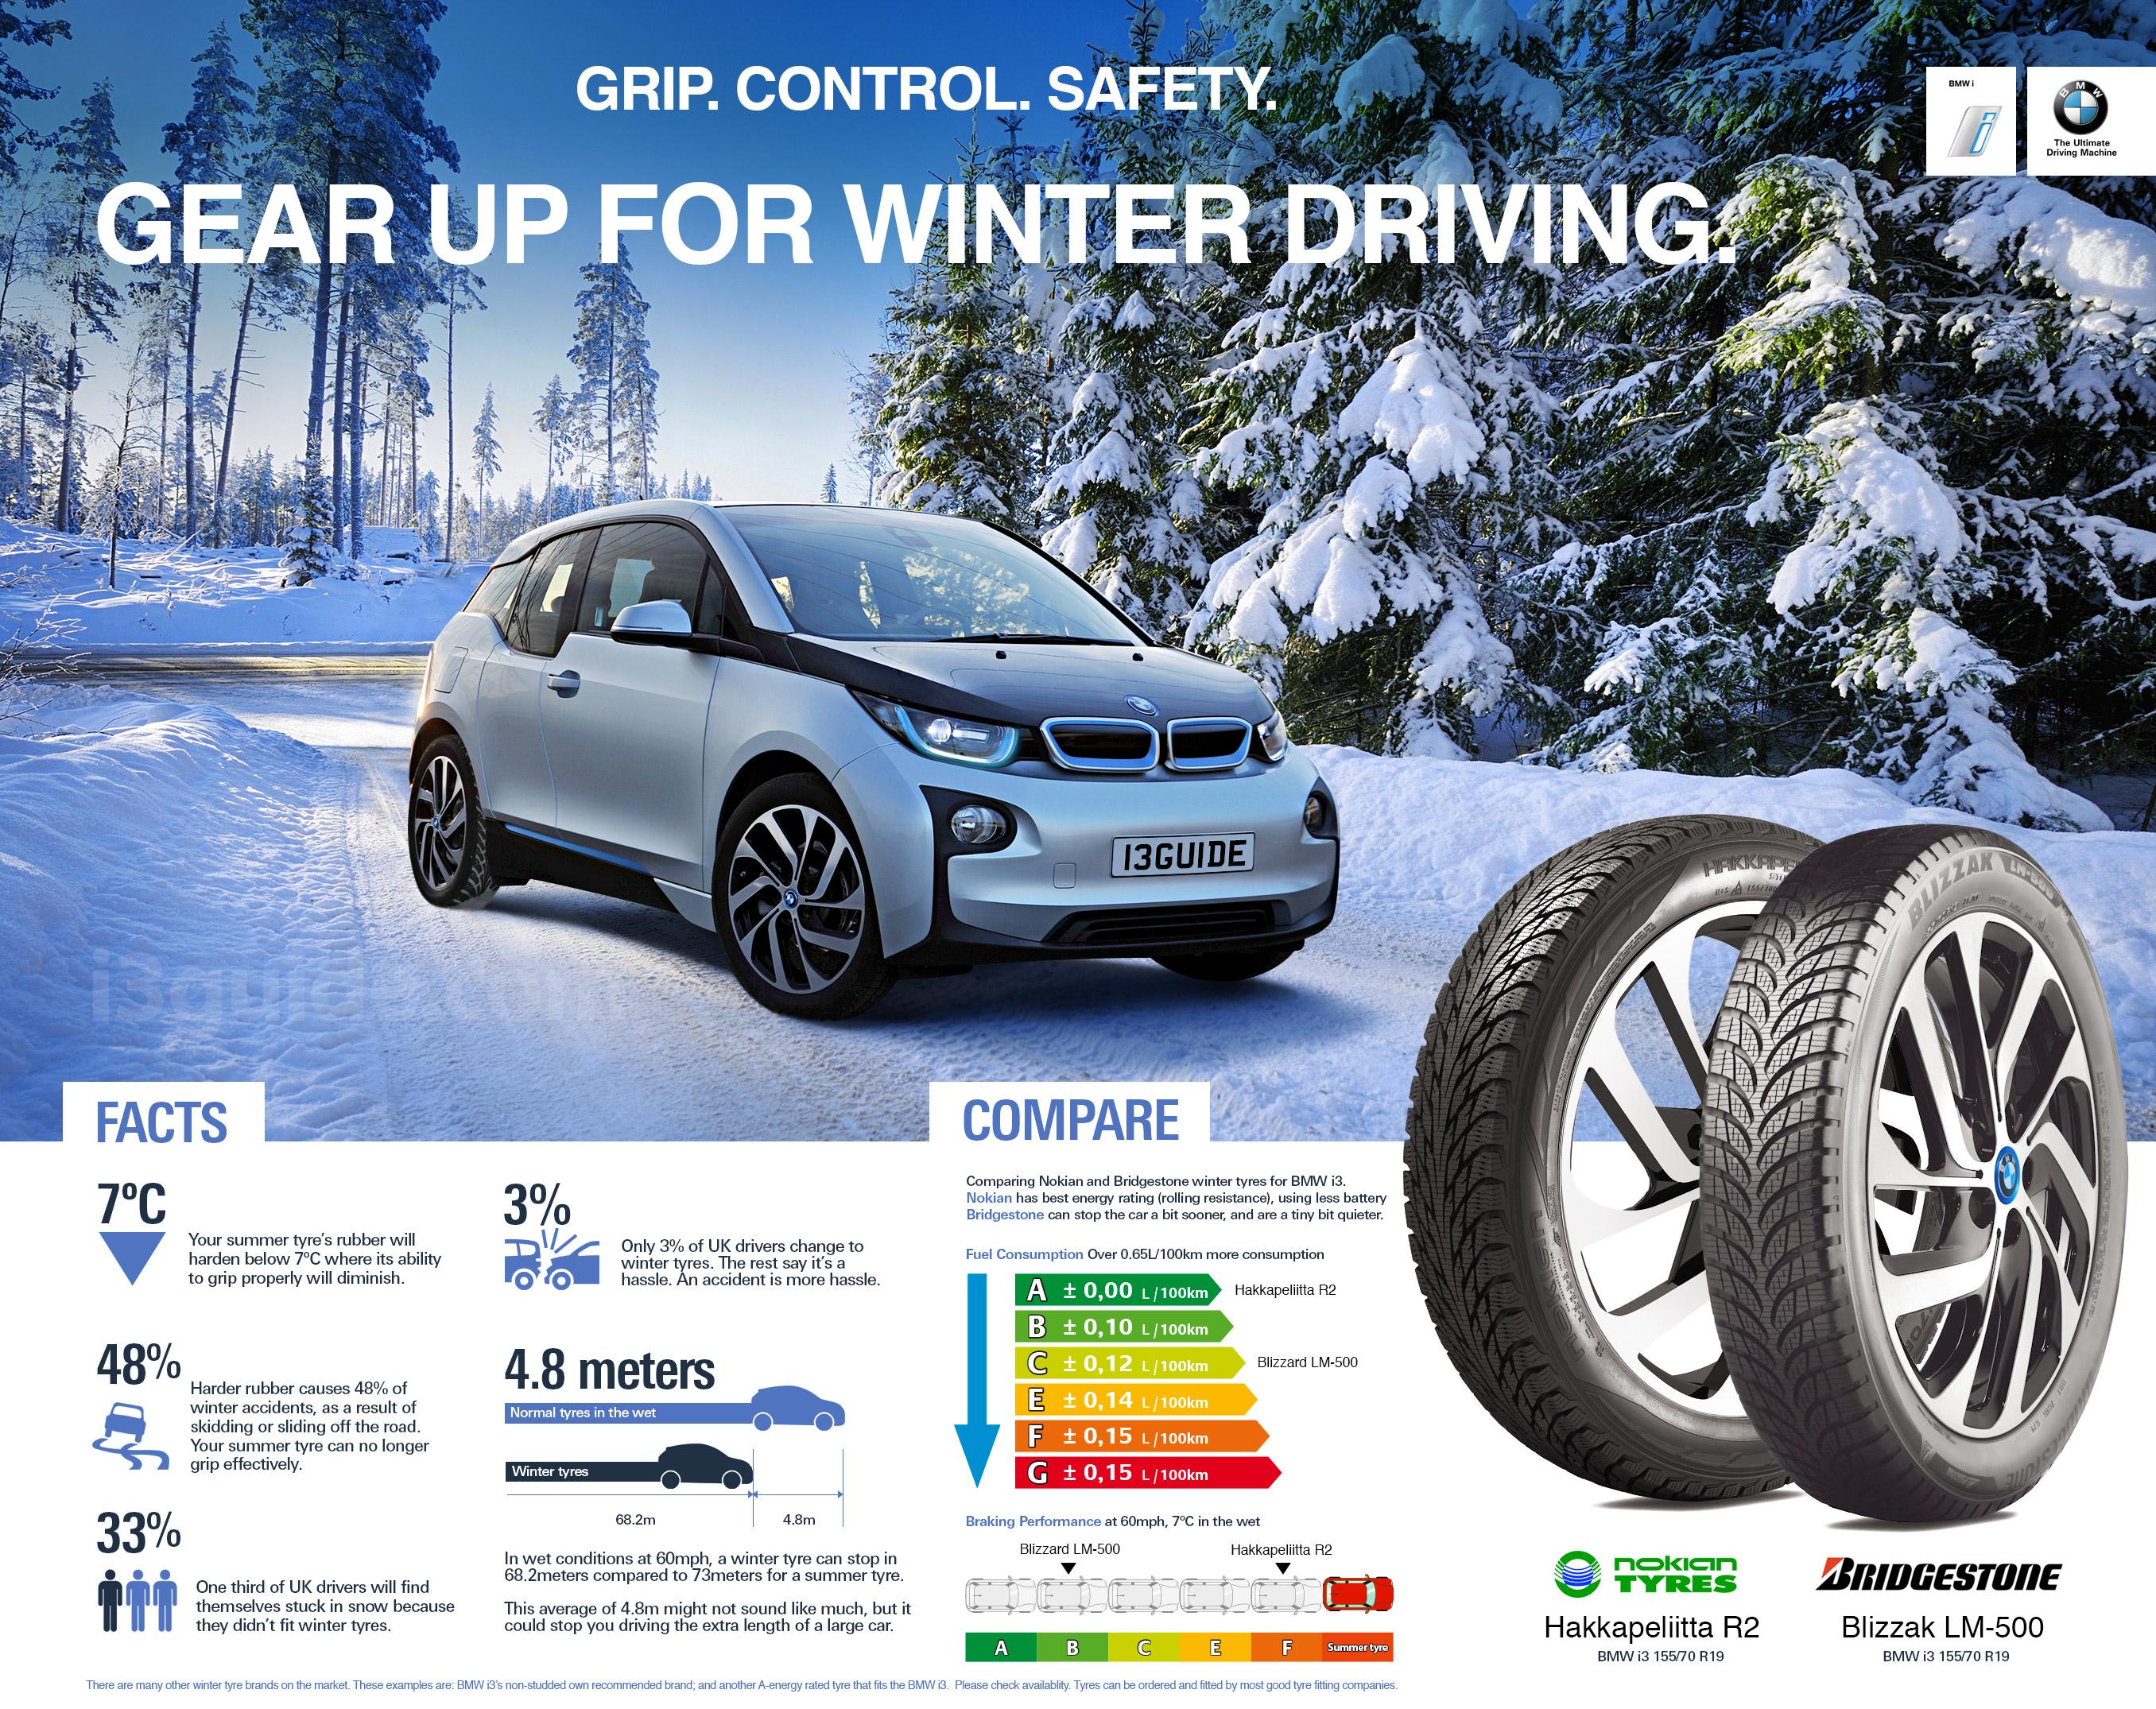 Zimní pneumatiky pro BMW i3, srovnání Nokian Tyres Hakkapeliitta R2 a Bridgestone Blizzak LM-500